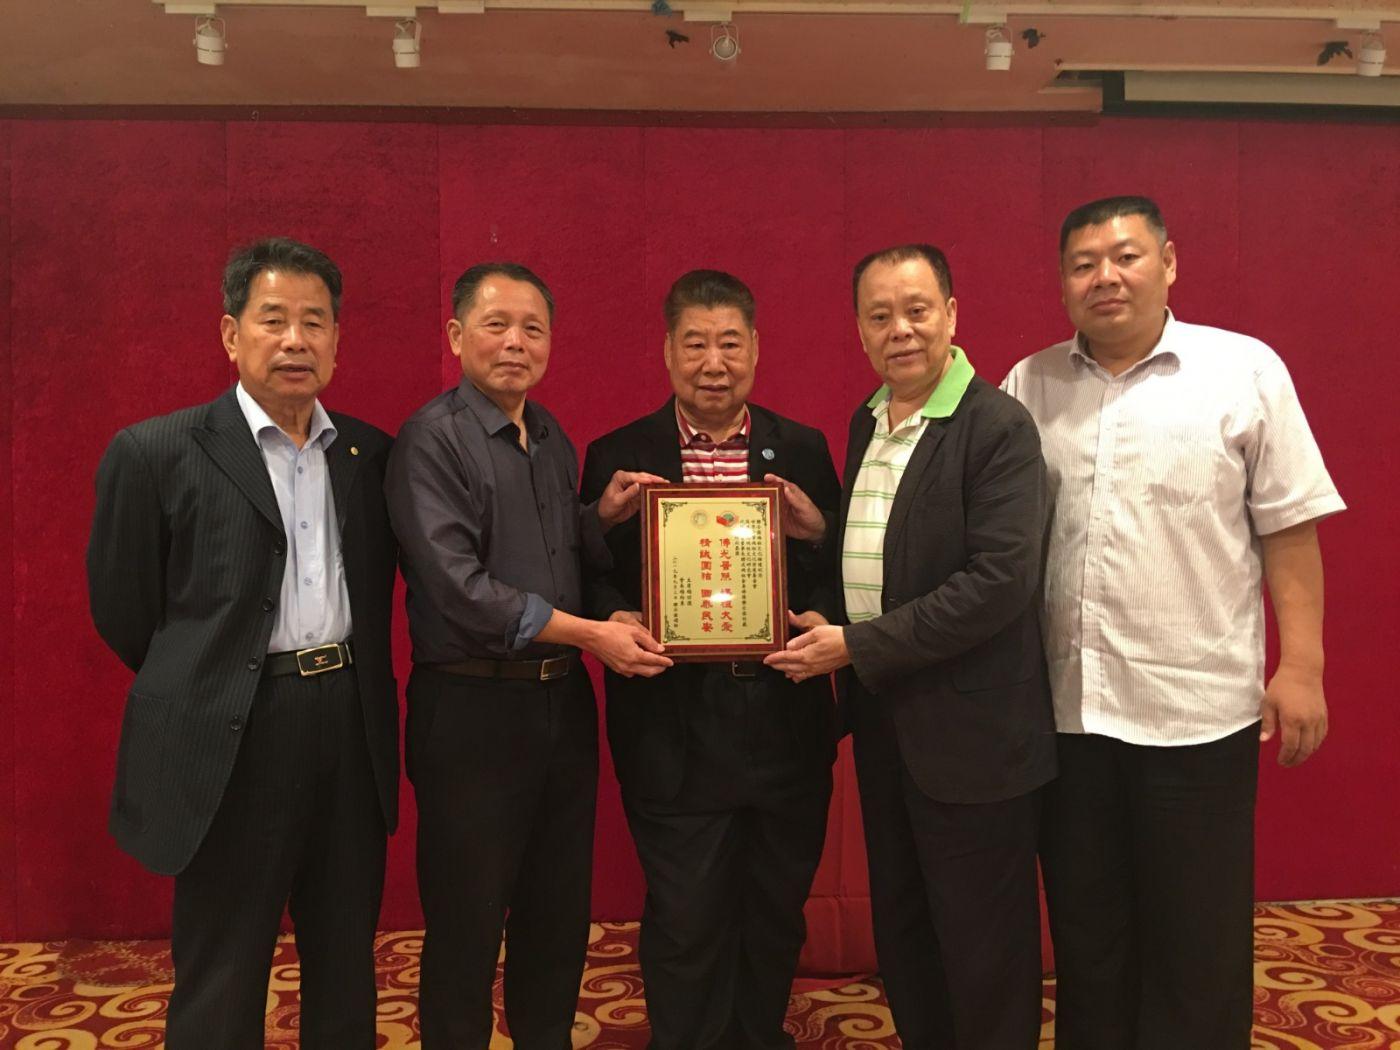 美中經貿科技促進總會歡迎中華文化促進會理事林洪荣訪美代表团 ... ..._图1-2